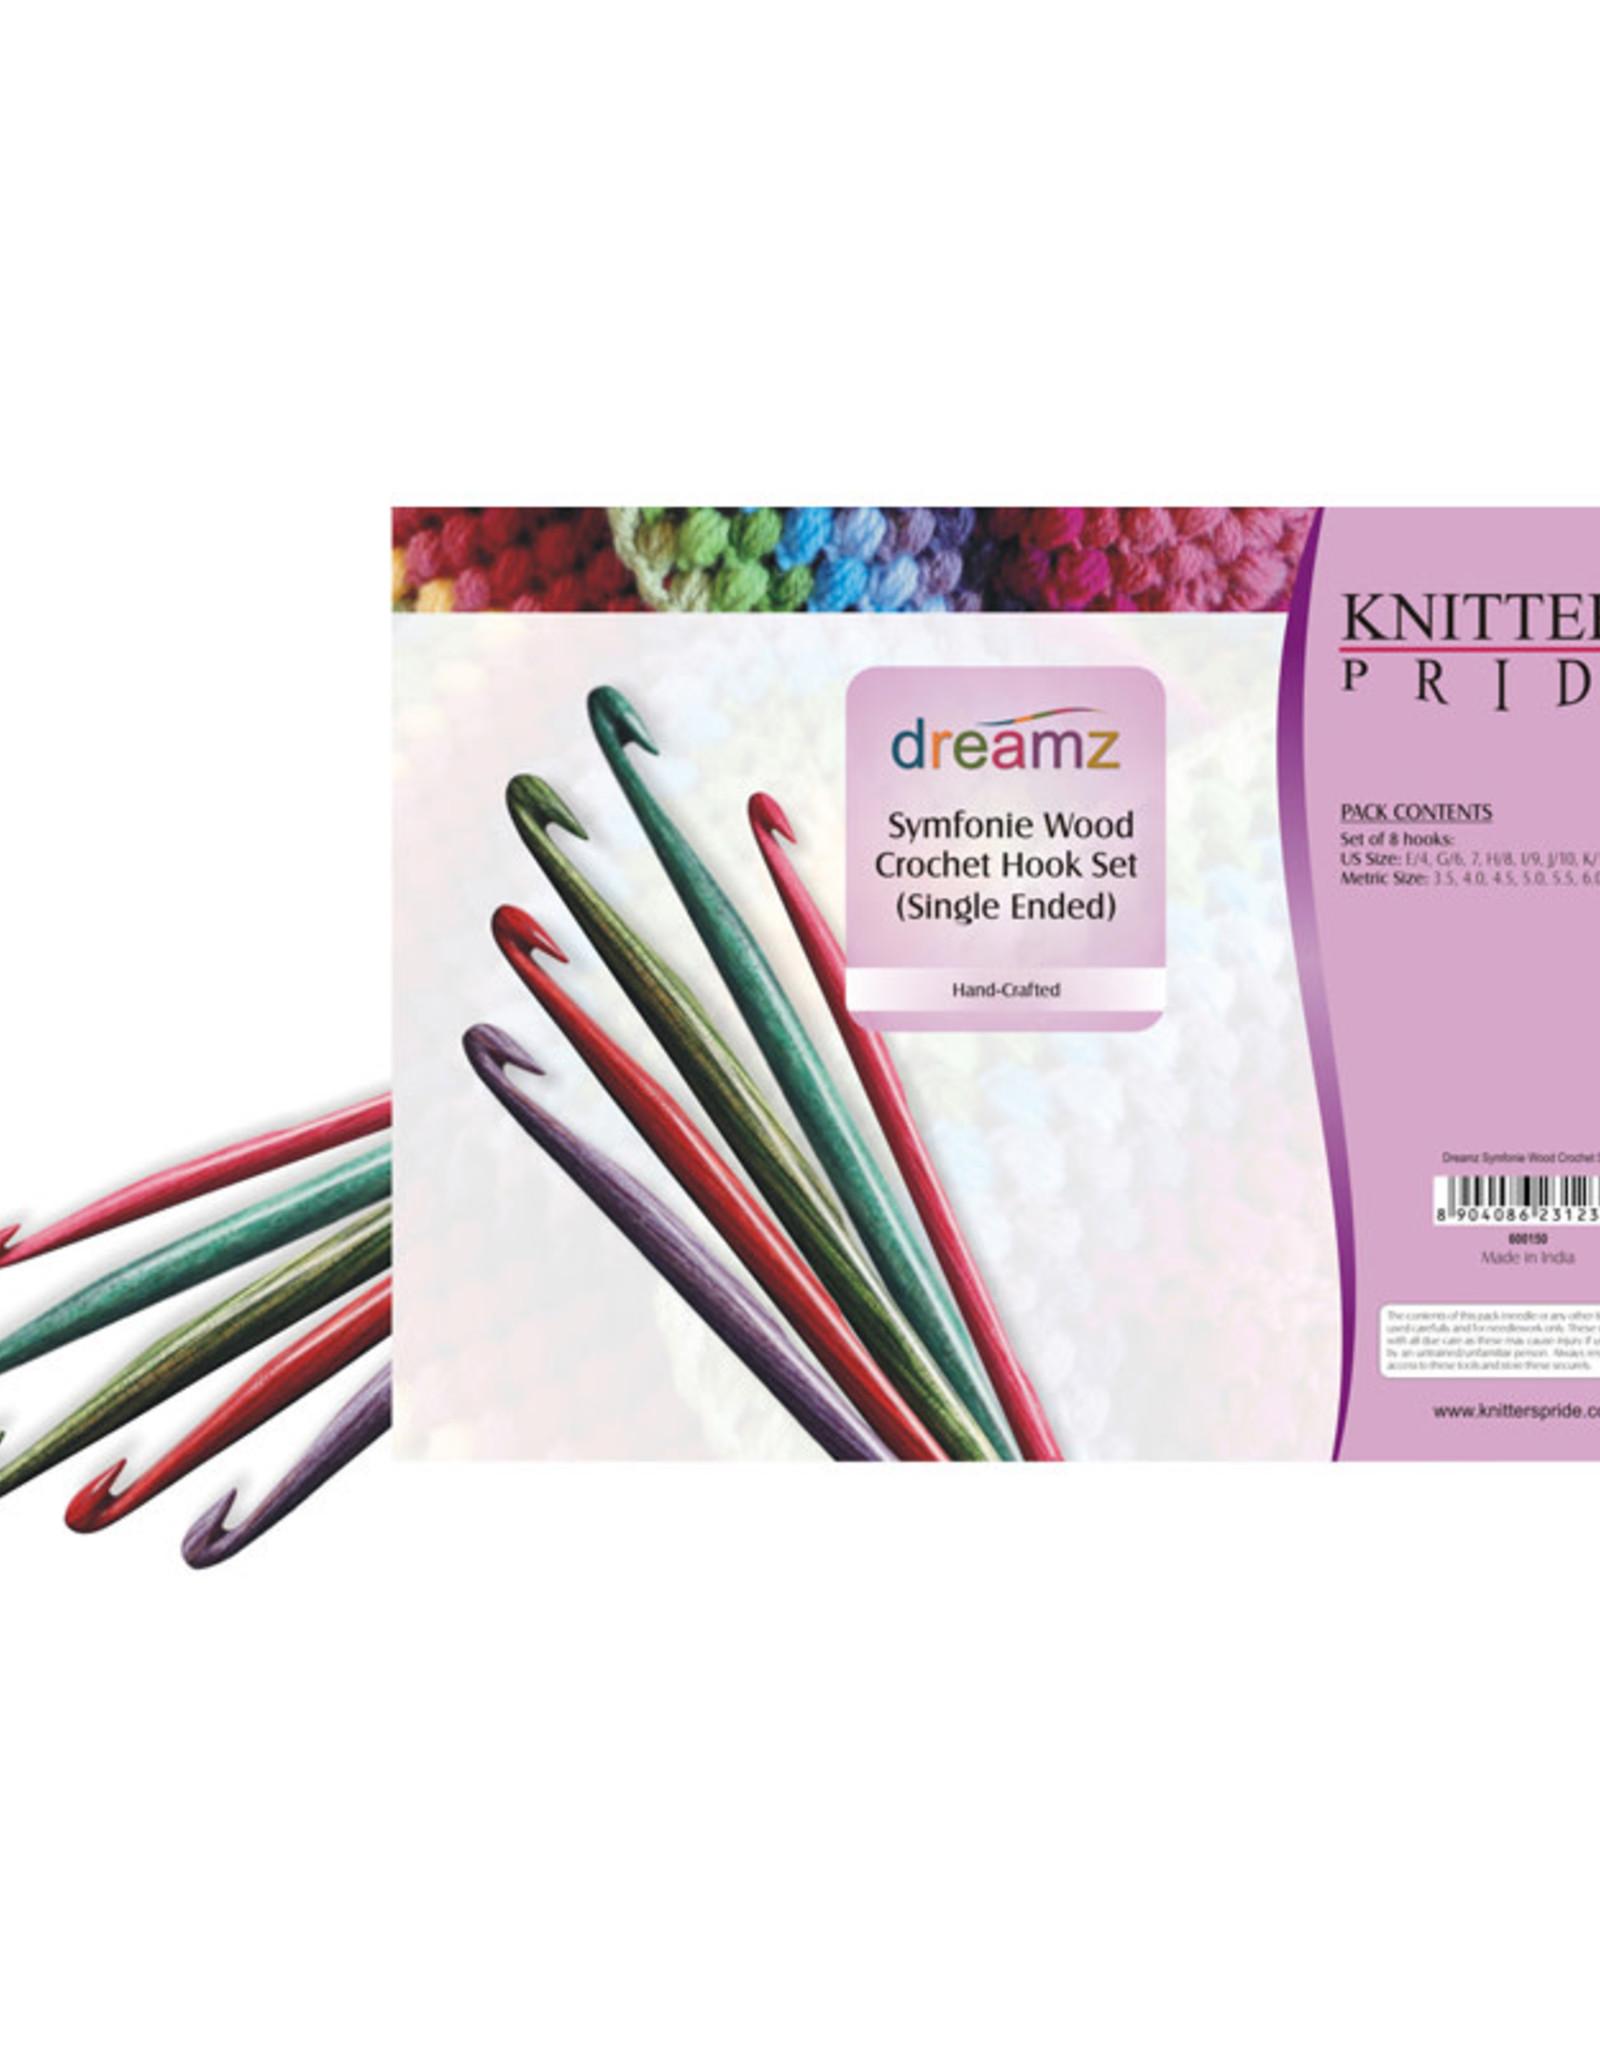 Knitters Pride Dreamz  Crochet Hooks Set